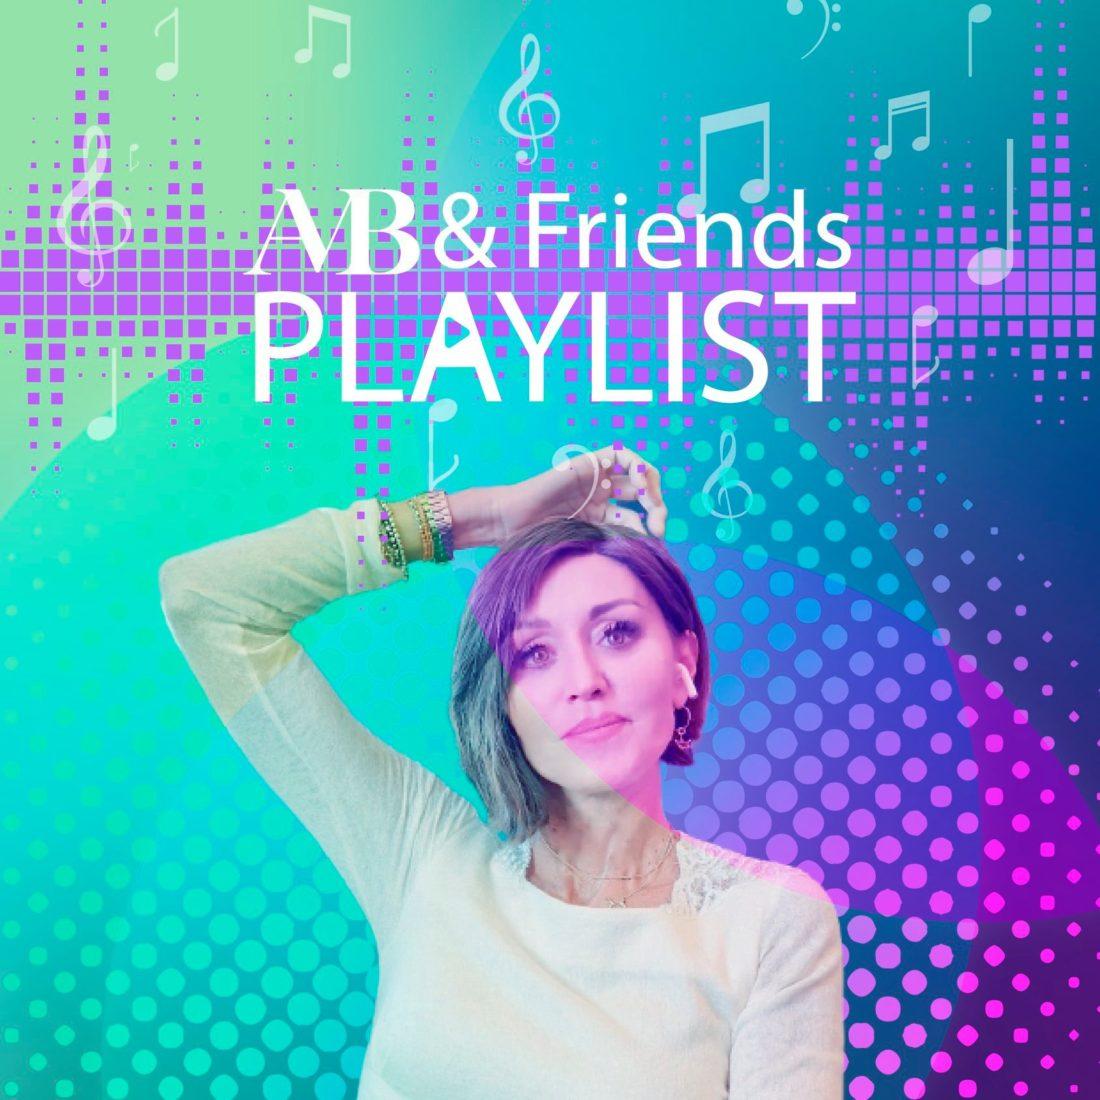 Dietro alla Playlist Anna Maria Bernini & Friends, tanti professionisti dimenticati